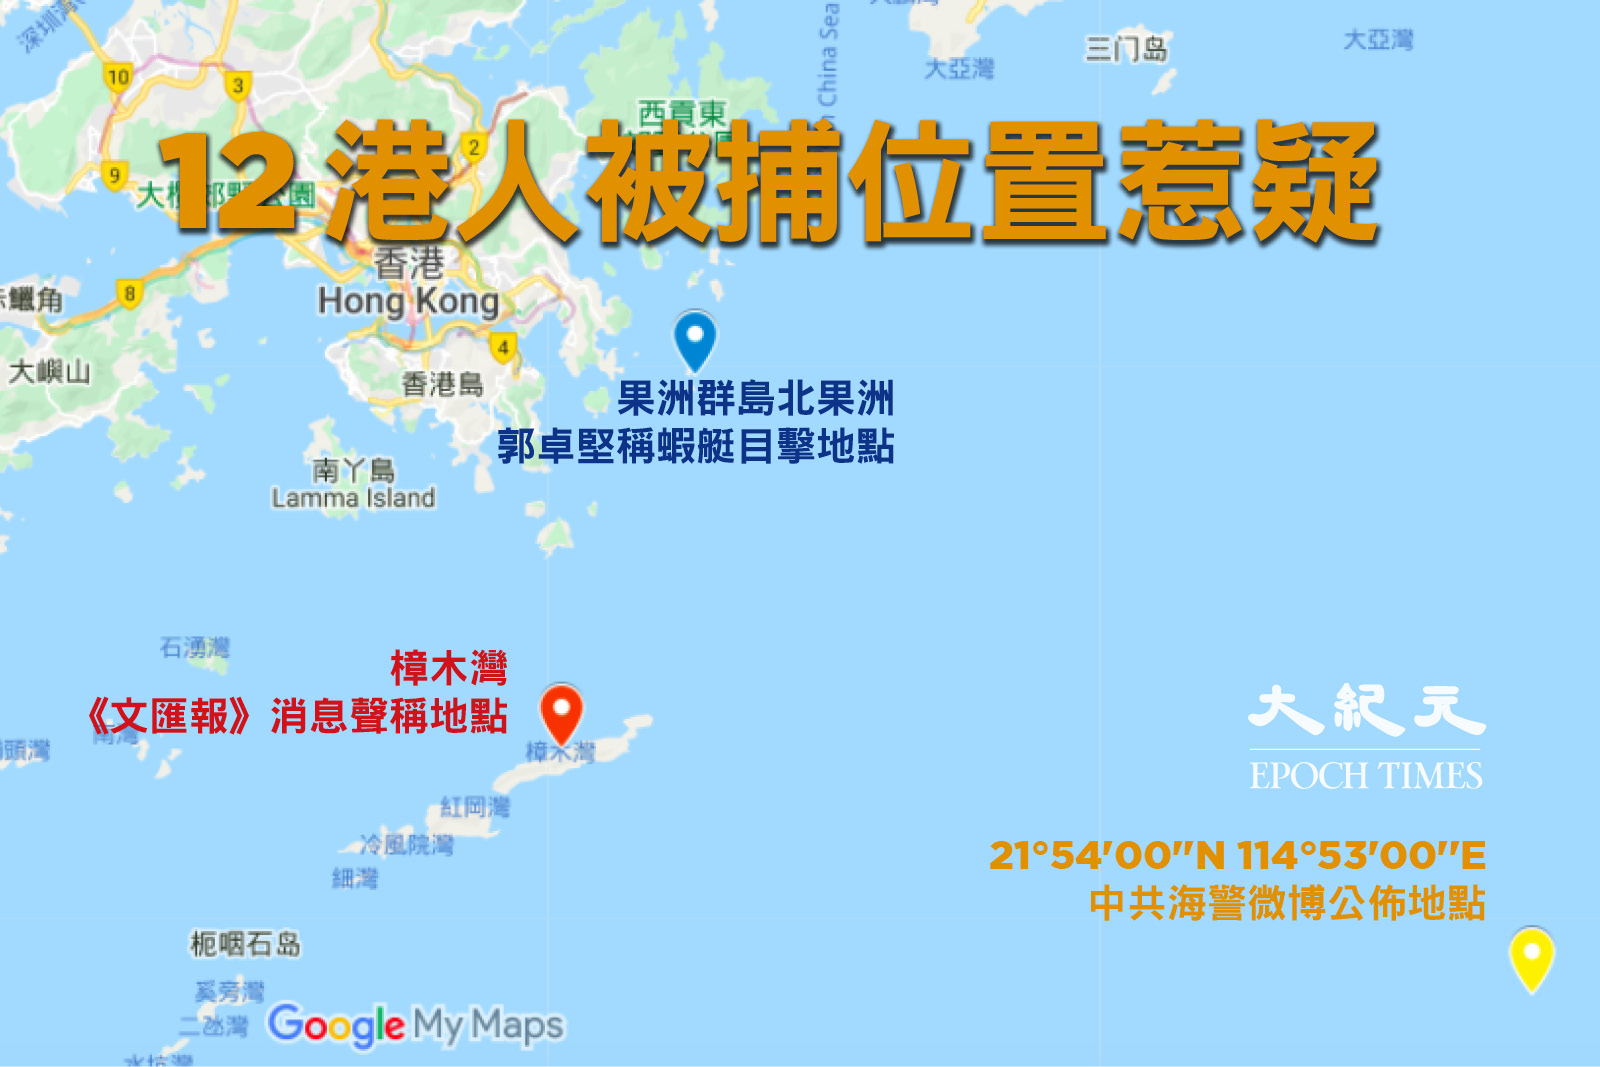 8月23日,12名香港青年乘坐的快艇被大陸海警截獲,12名青年被捕,而對於拘捕的地點則有不同說法。(大紀元合成)